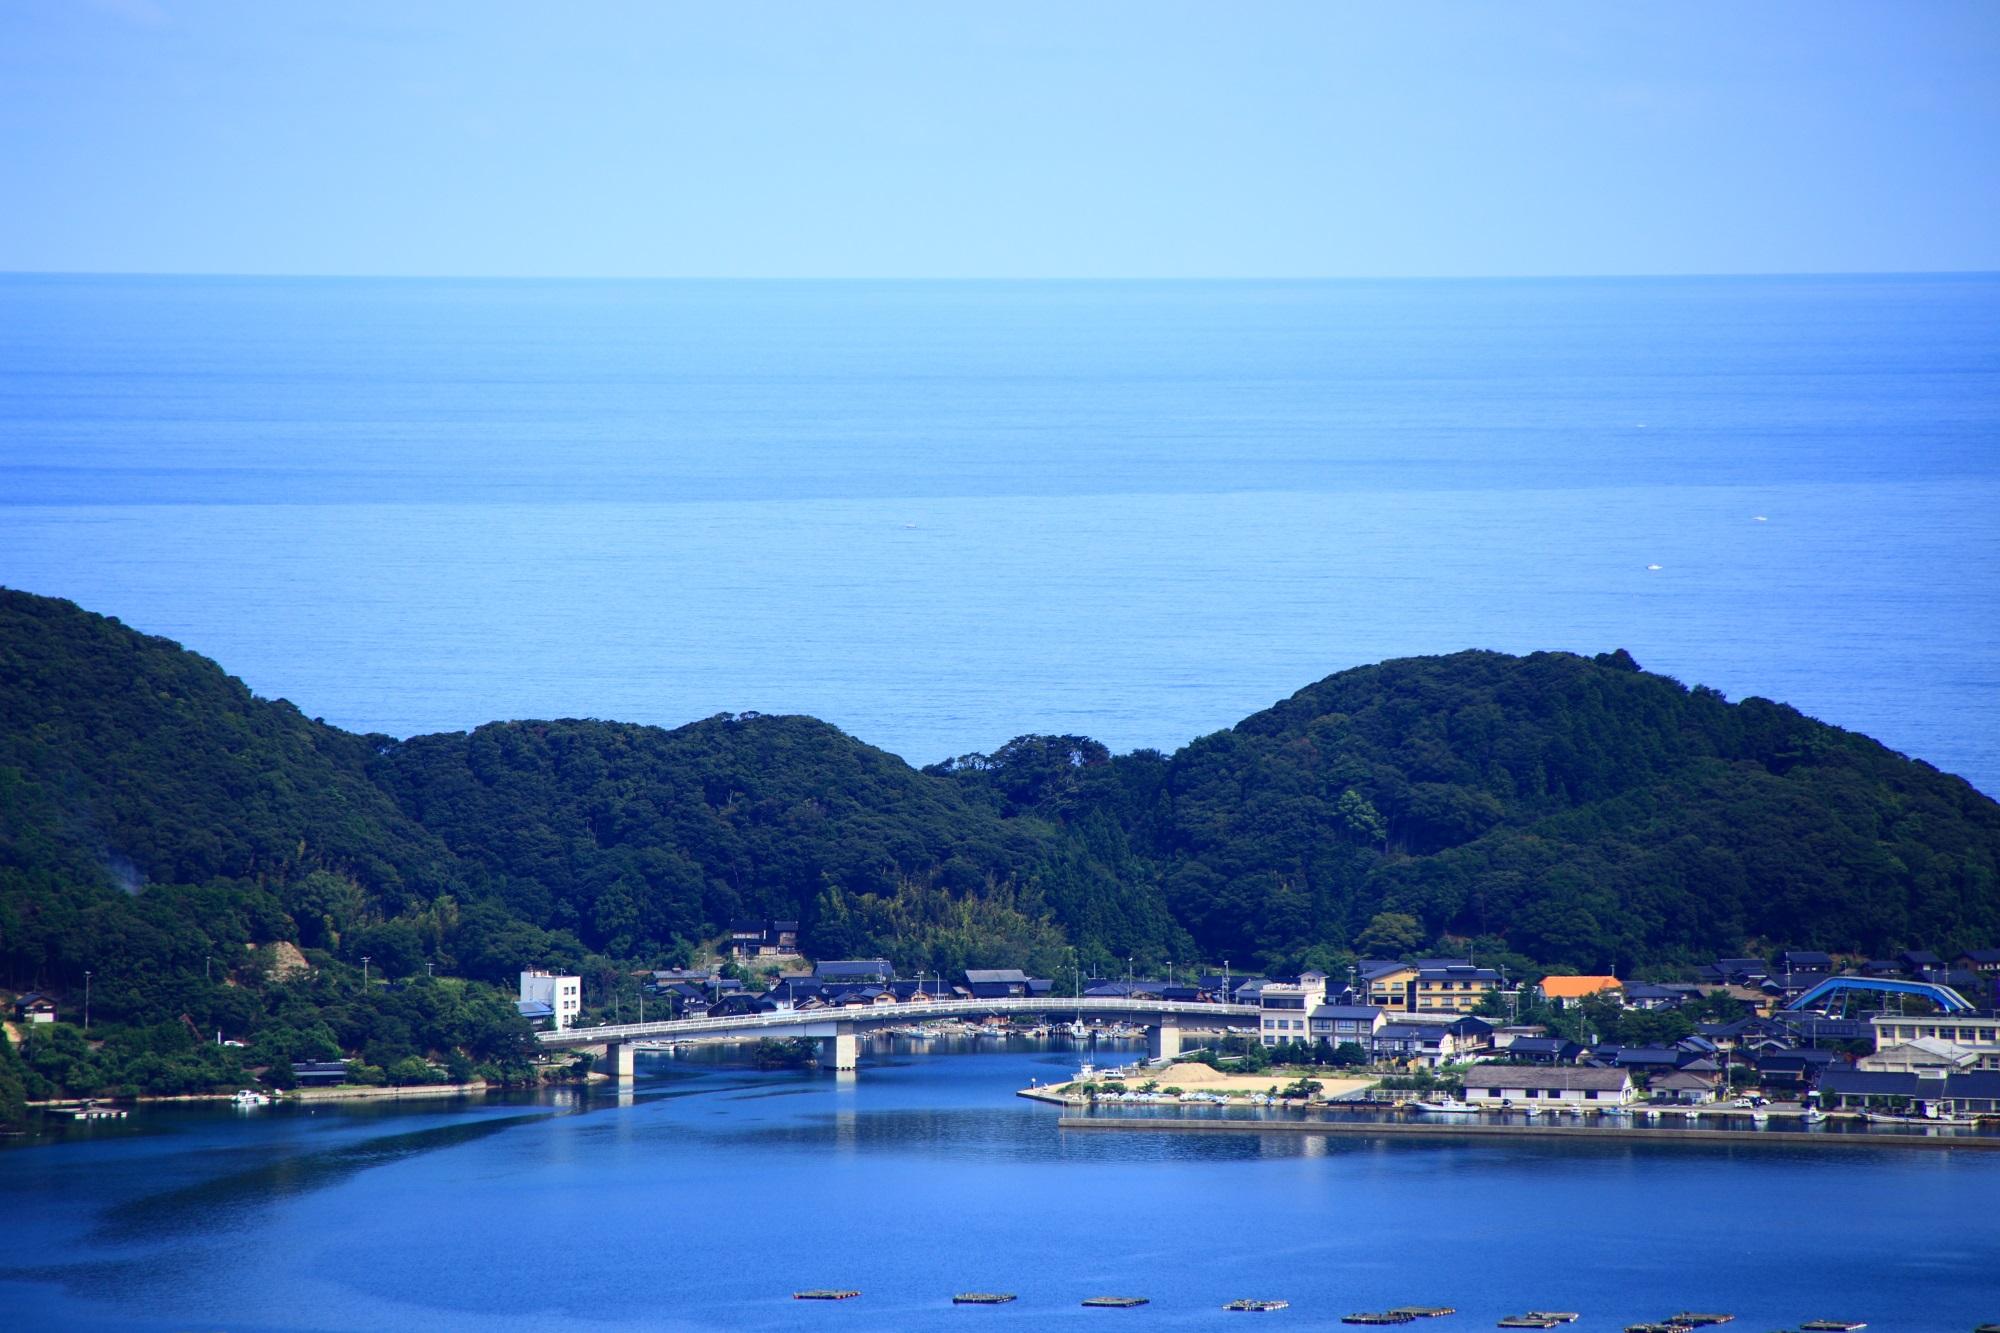 久美浜湾の小天橋(しょうてんきょう)